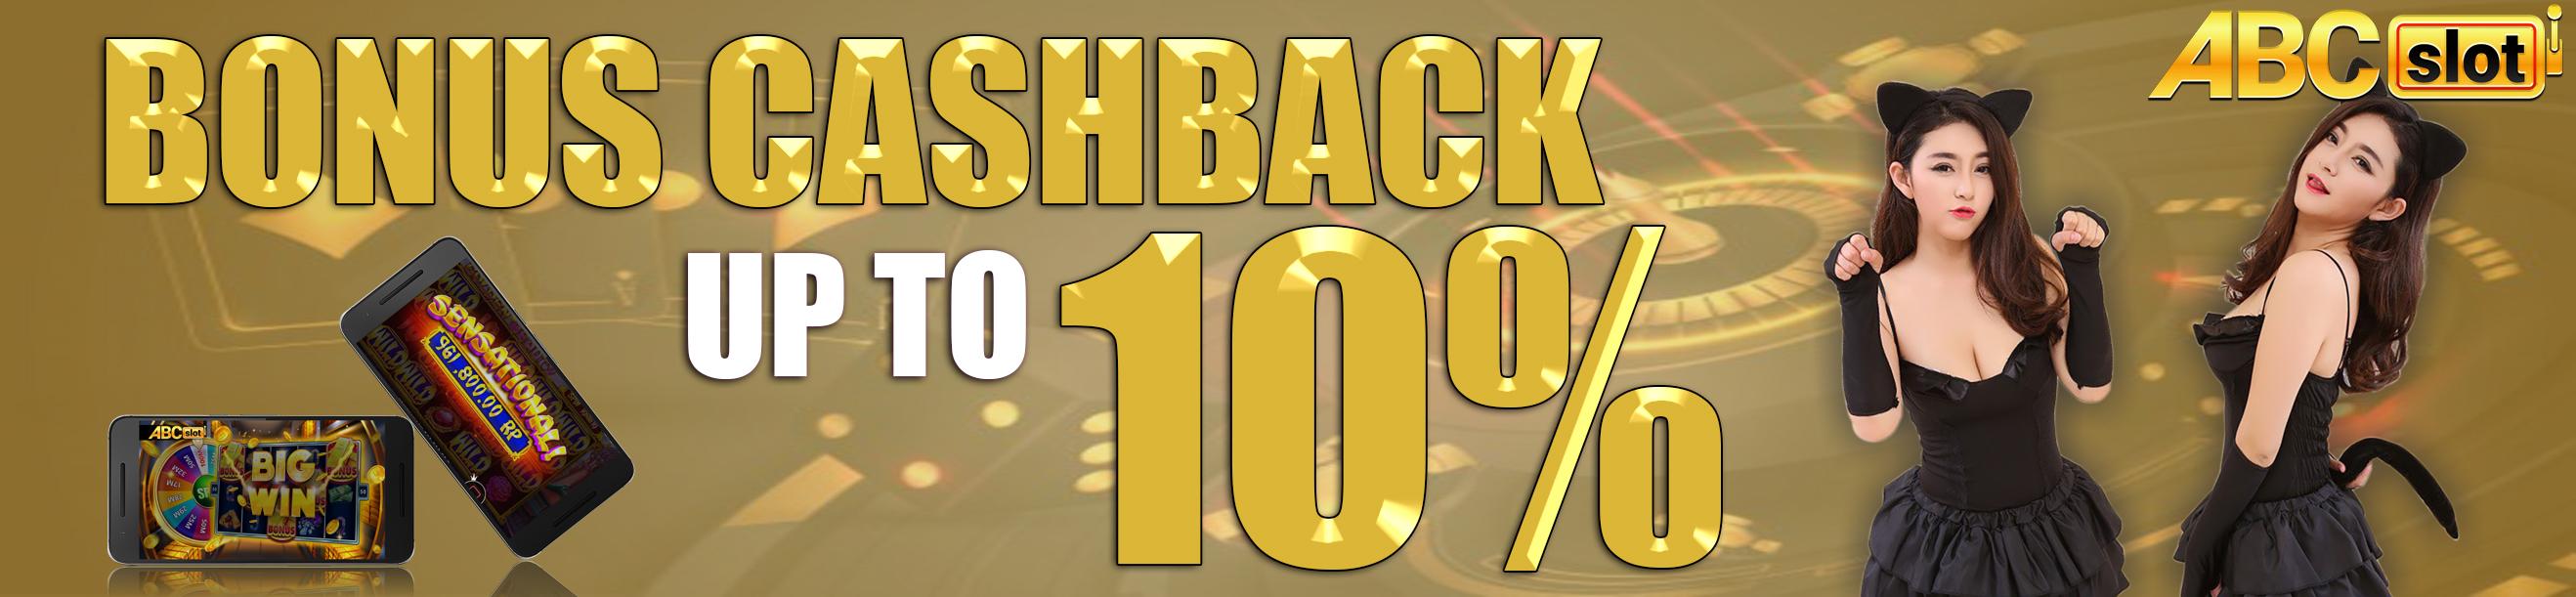 BONUS CASHBACK UP TO 10%